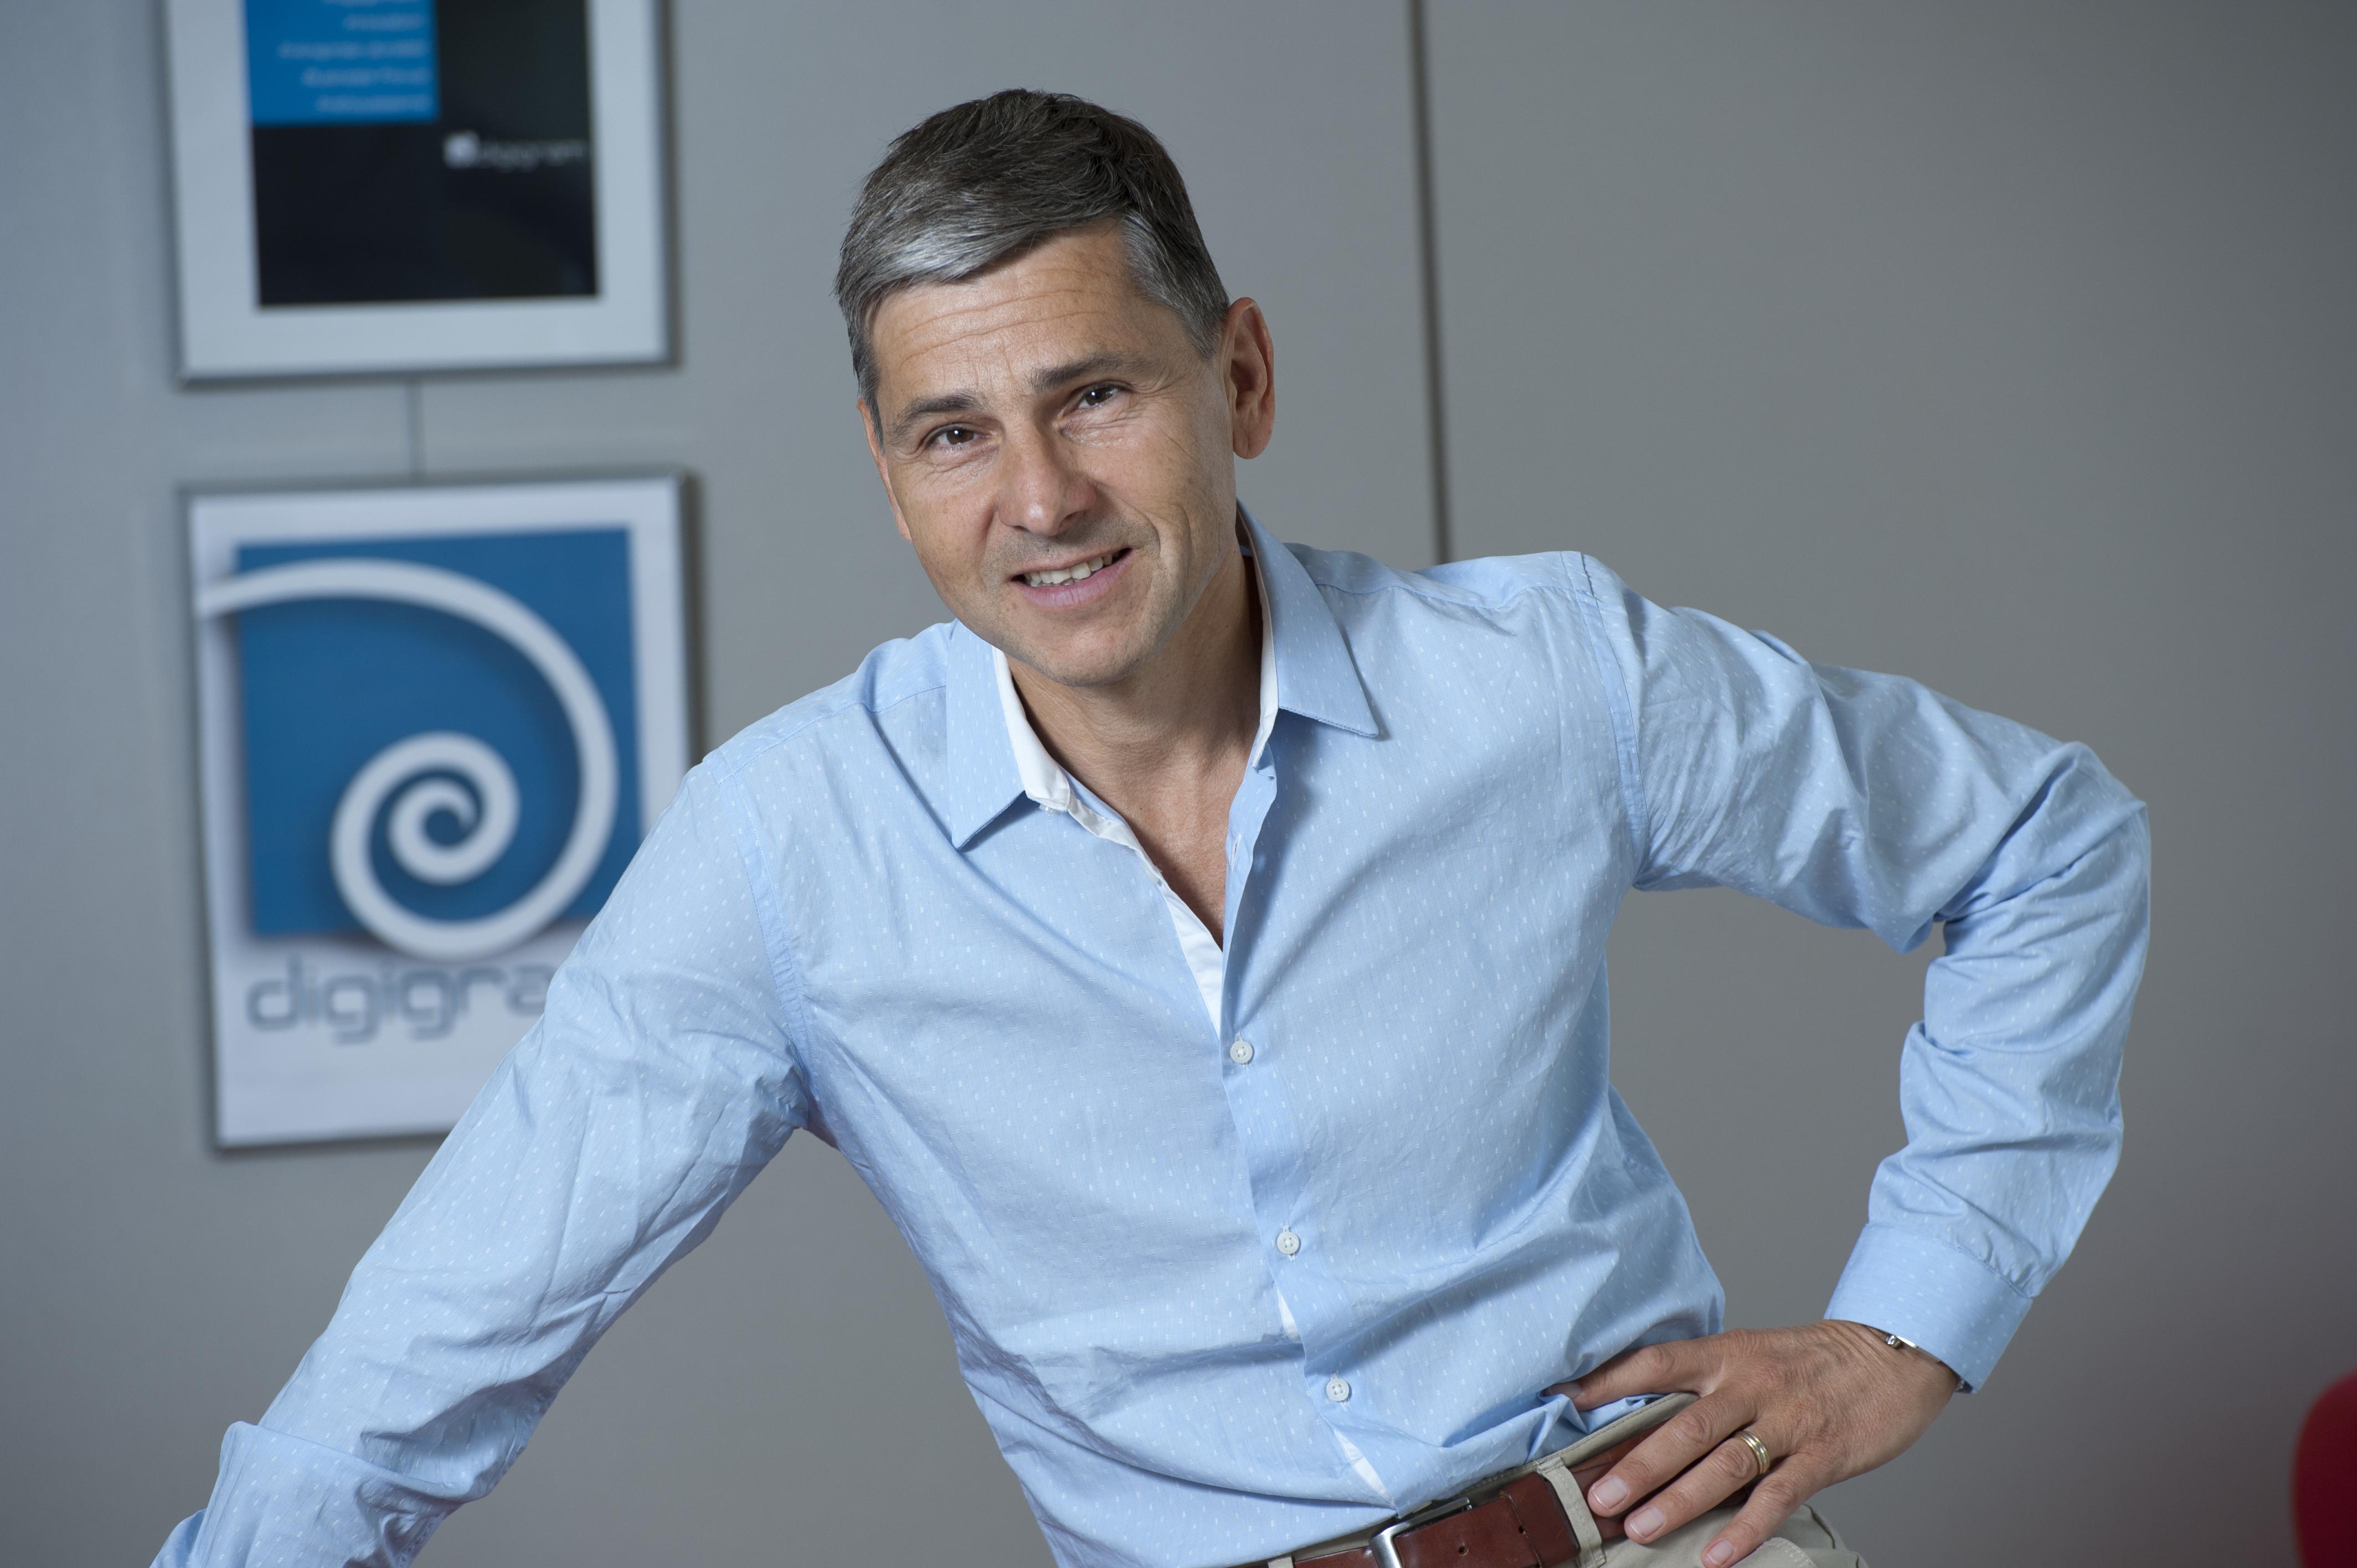 Philippe Delacroix Président du Directoire de Digigram, société présente au Salon de la Radio les 8, 9 et 10 février